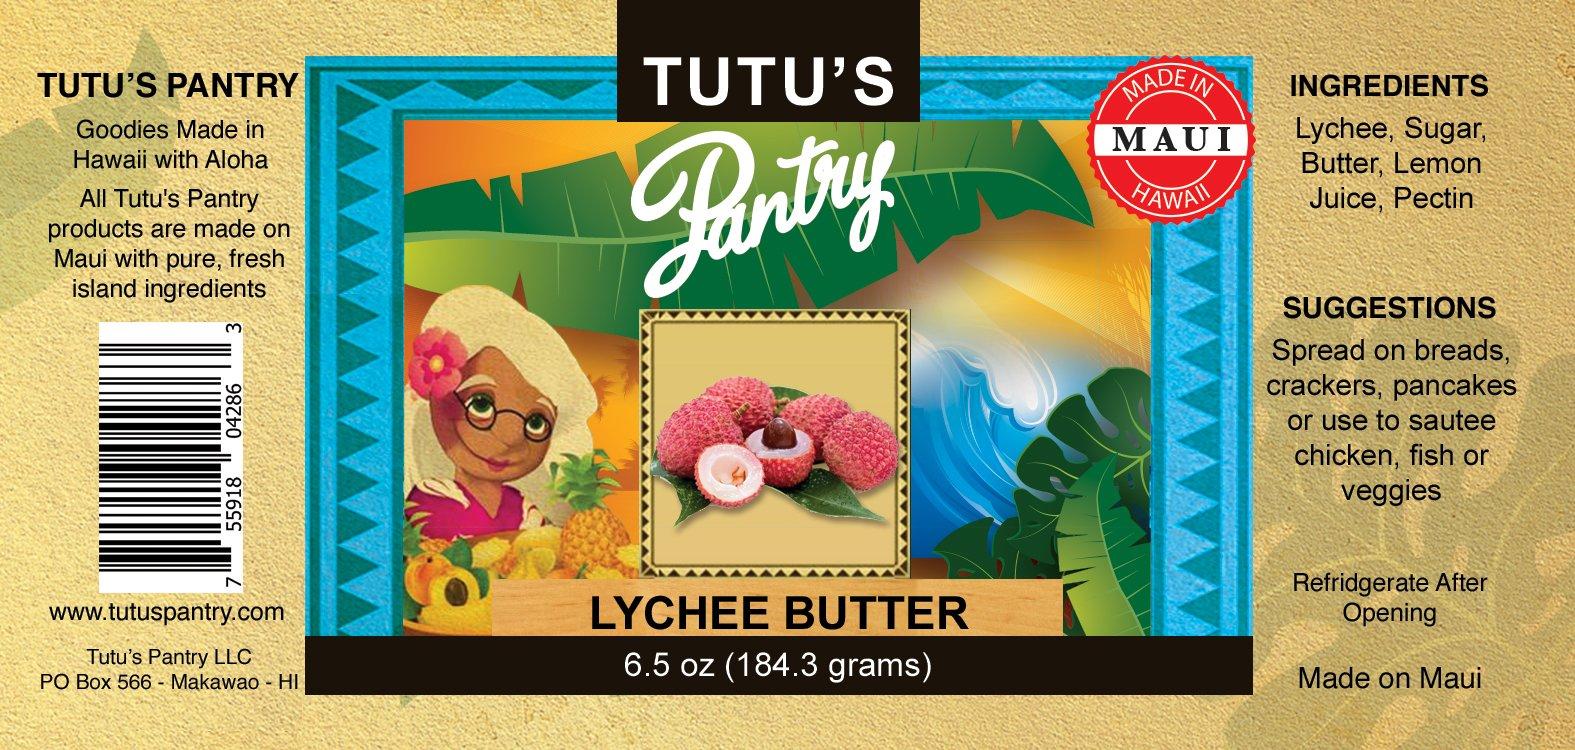 lychee-butter